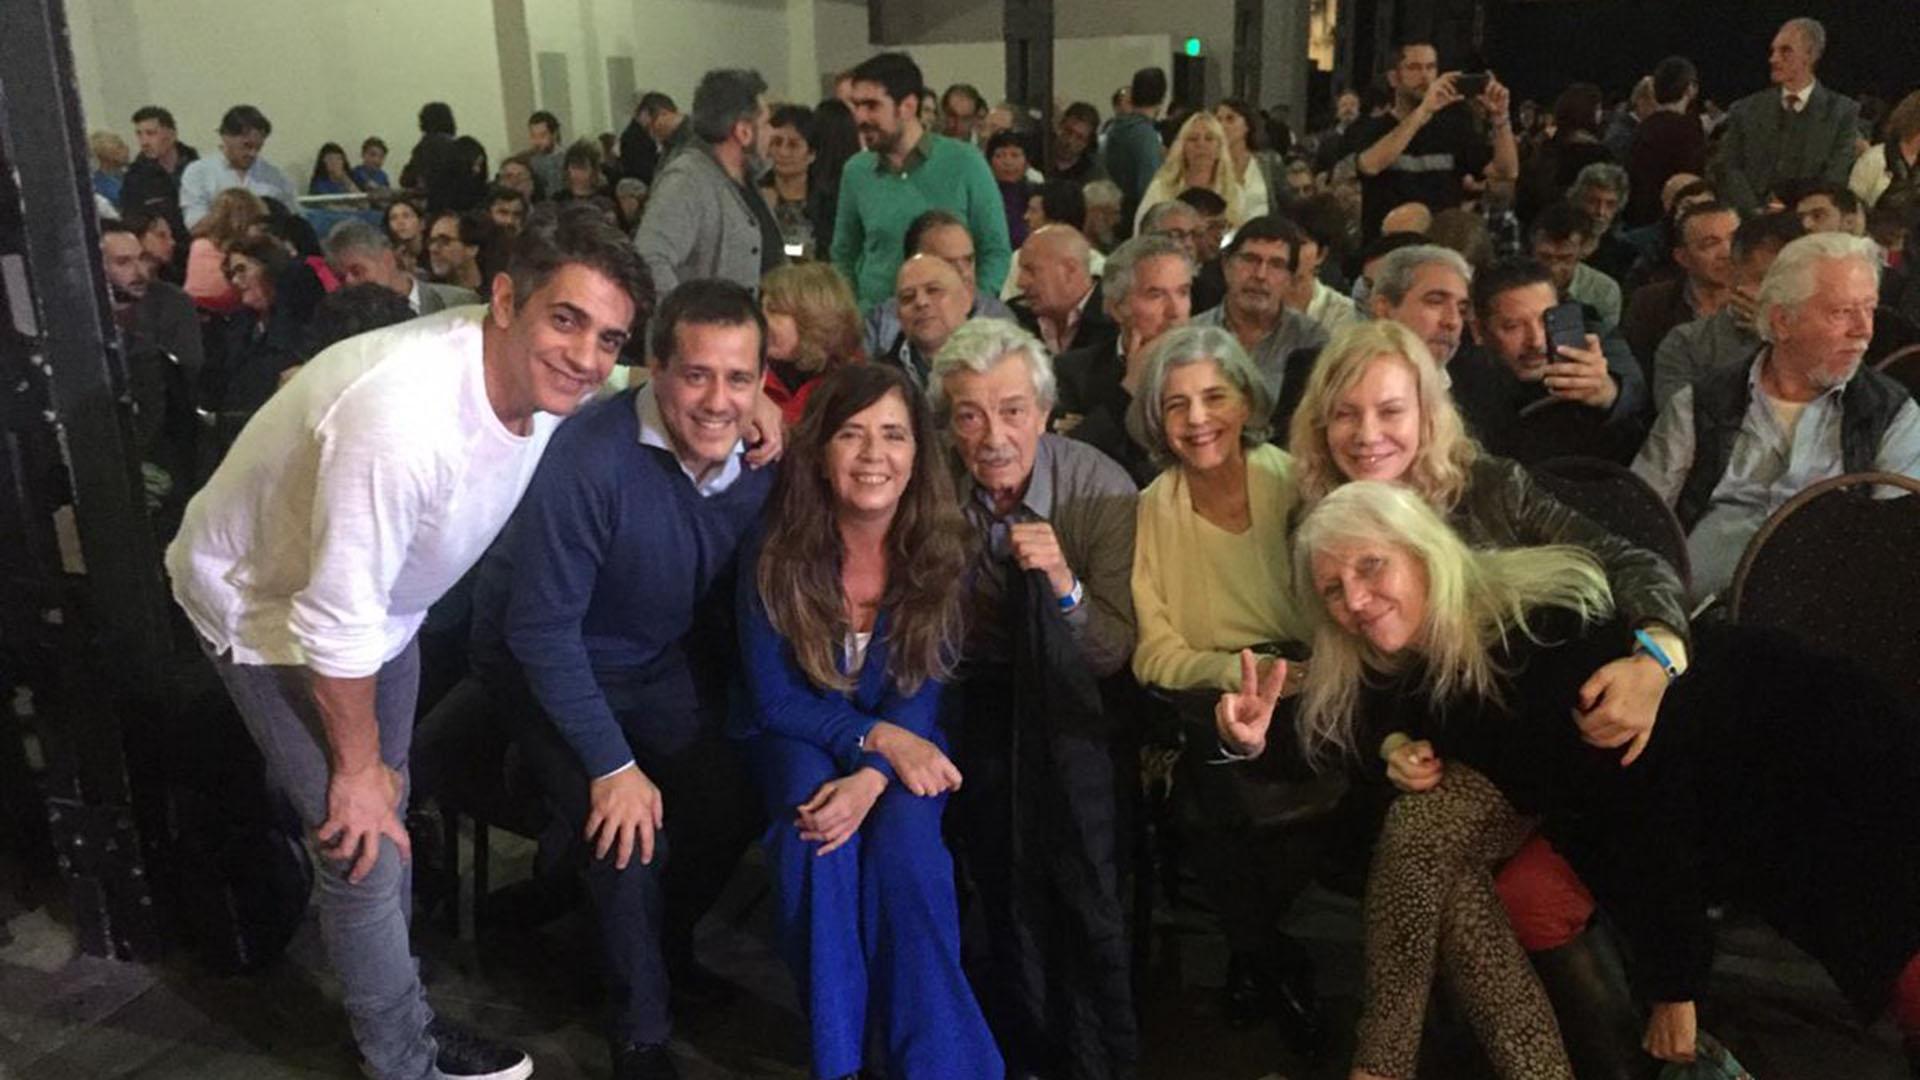 Pablo Echarri, Mariano Recalde, Grabiela Cerruti, Arturo Bonín, Cristina Banegas y Cecilia Roth (@gabicerru)